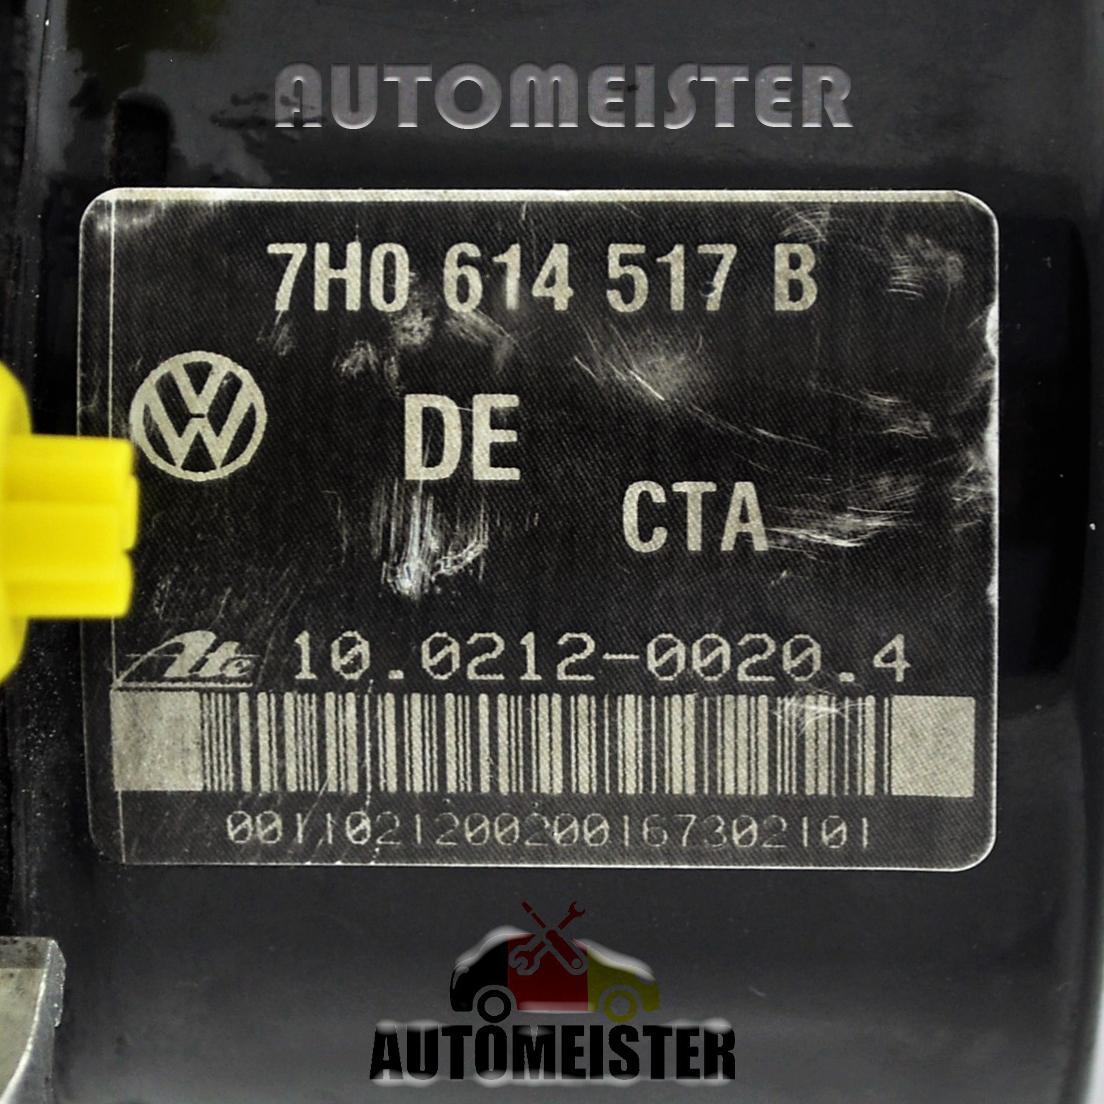 24Monate Garantie* ABS 7H0907379R 10092603123 7H0614517B 10021200204 VW